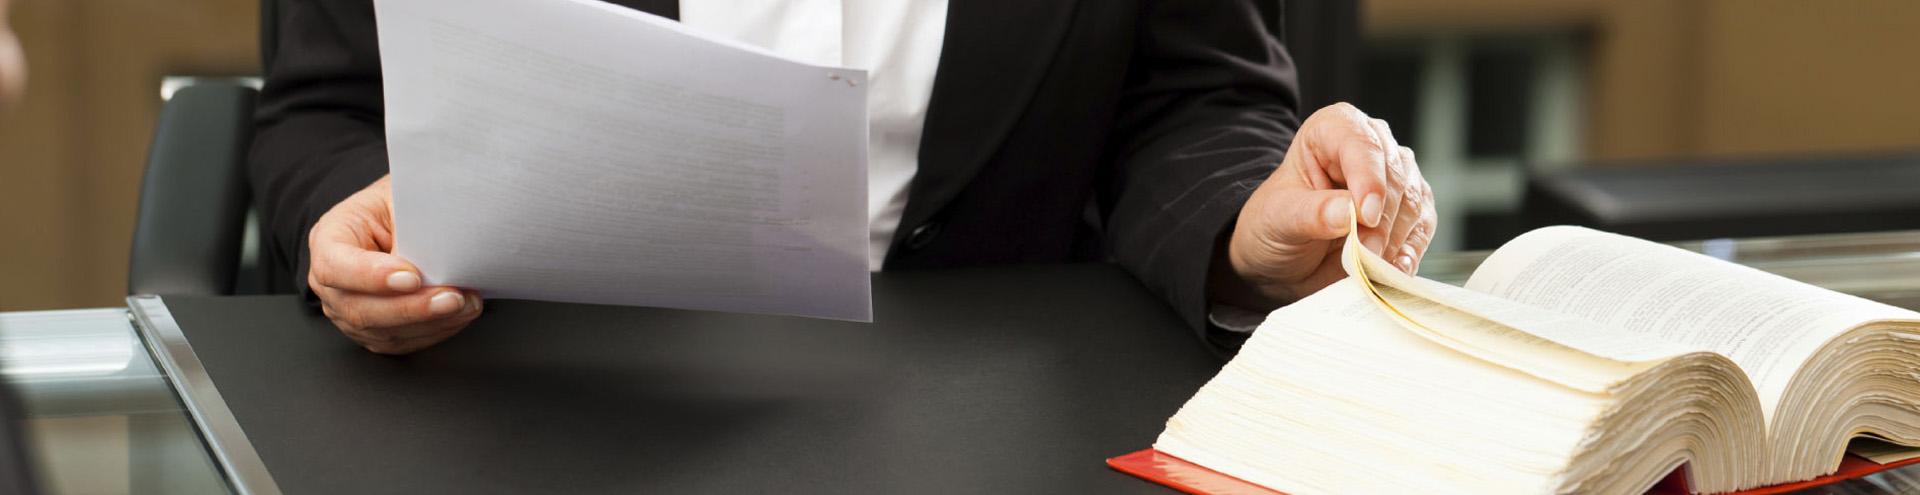 Касационное обжалование решения арбитражного суда в Пензе